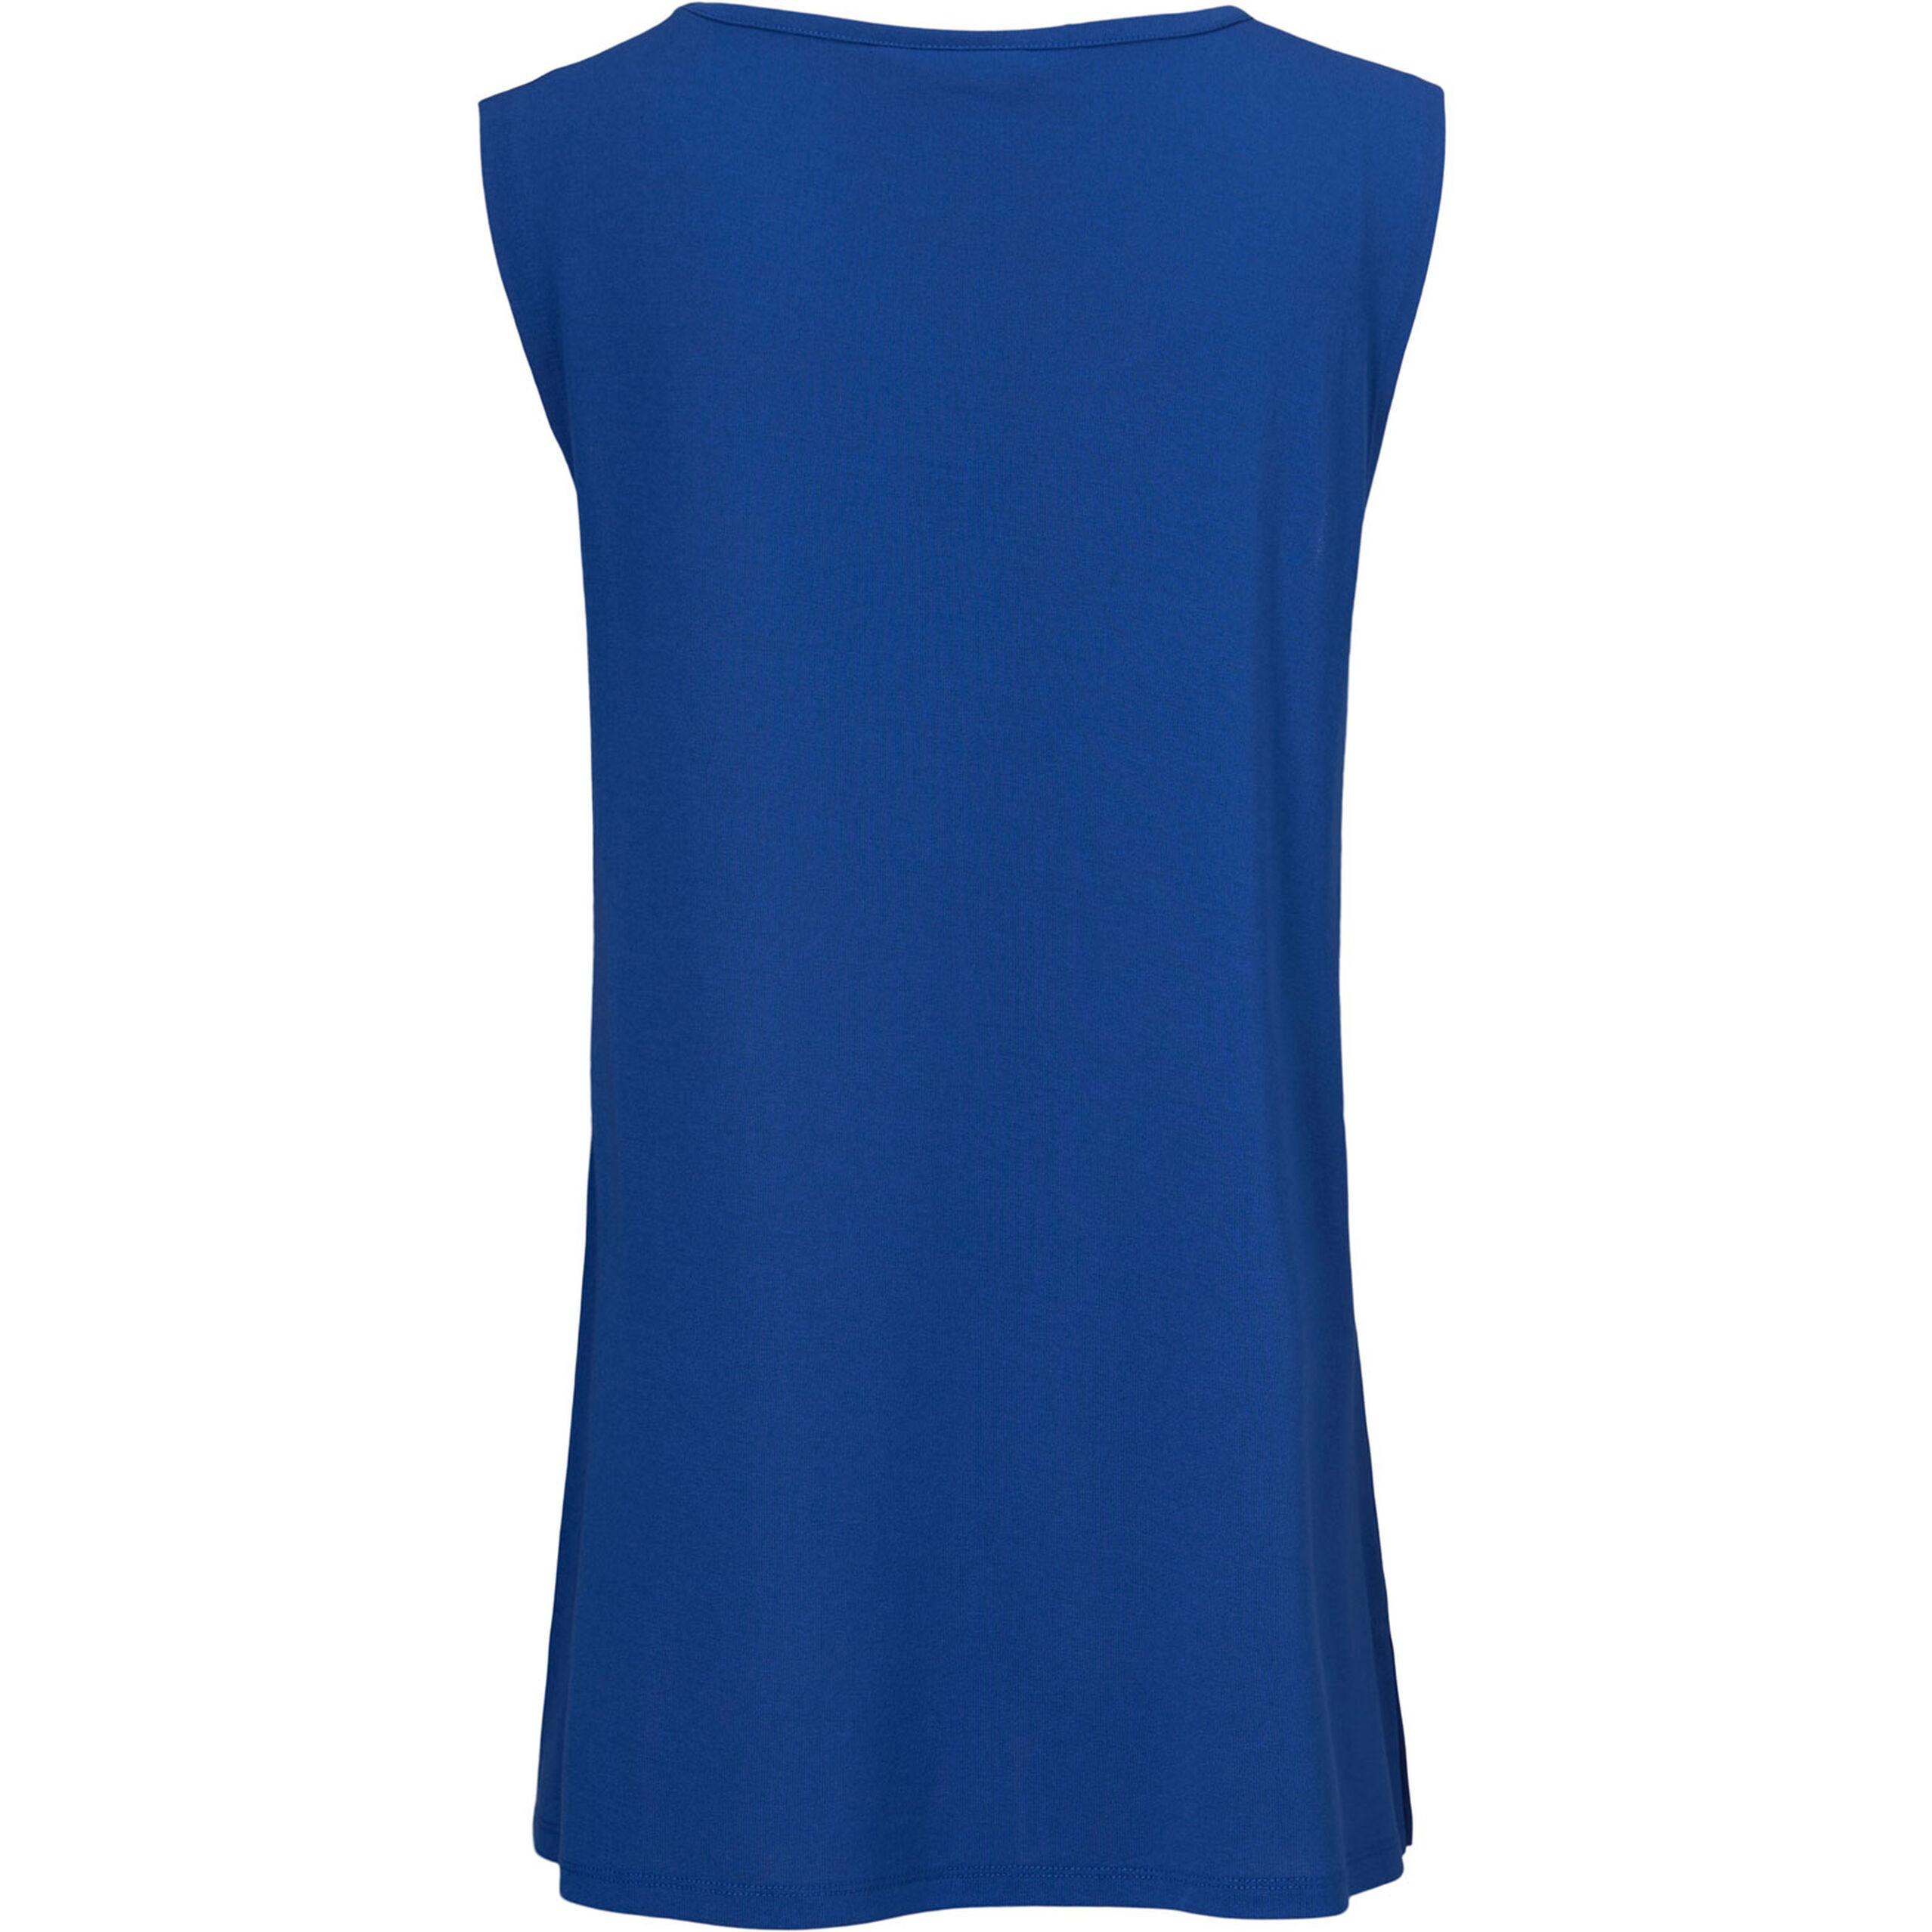 ELTA TOP, ROYAL BLUE, hi-res